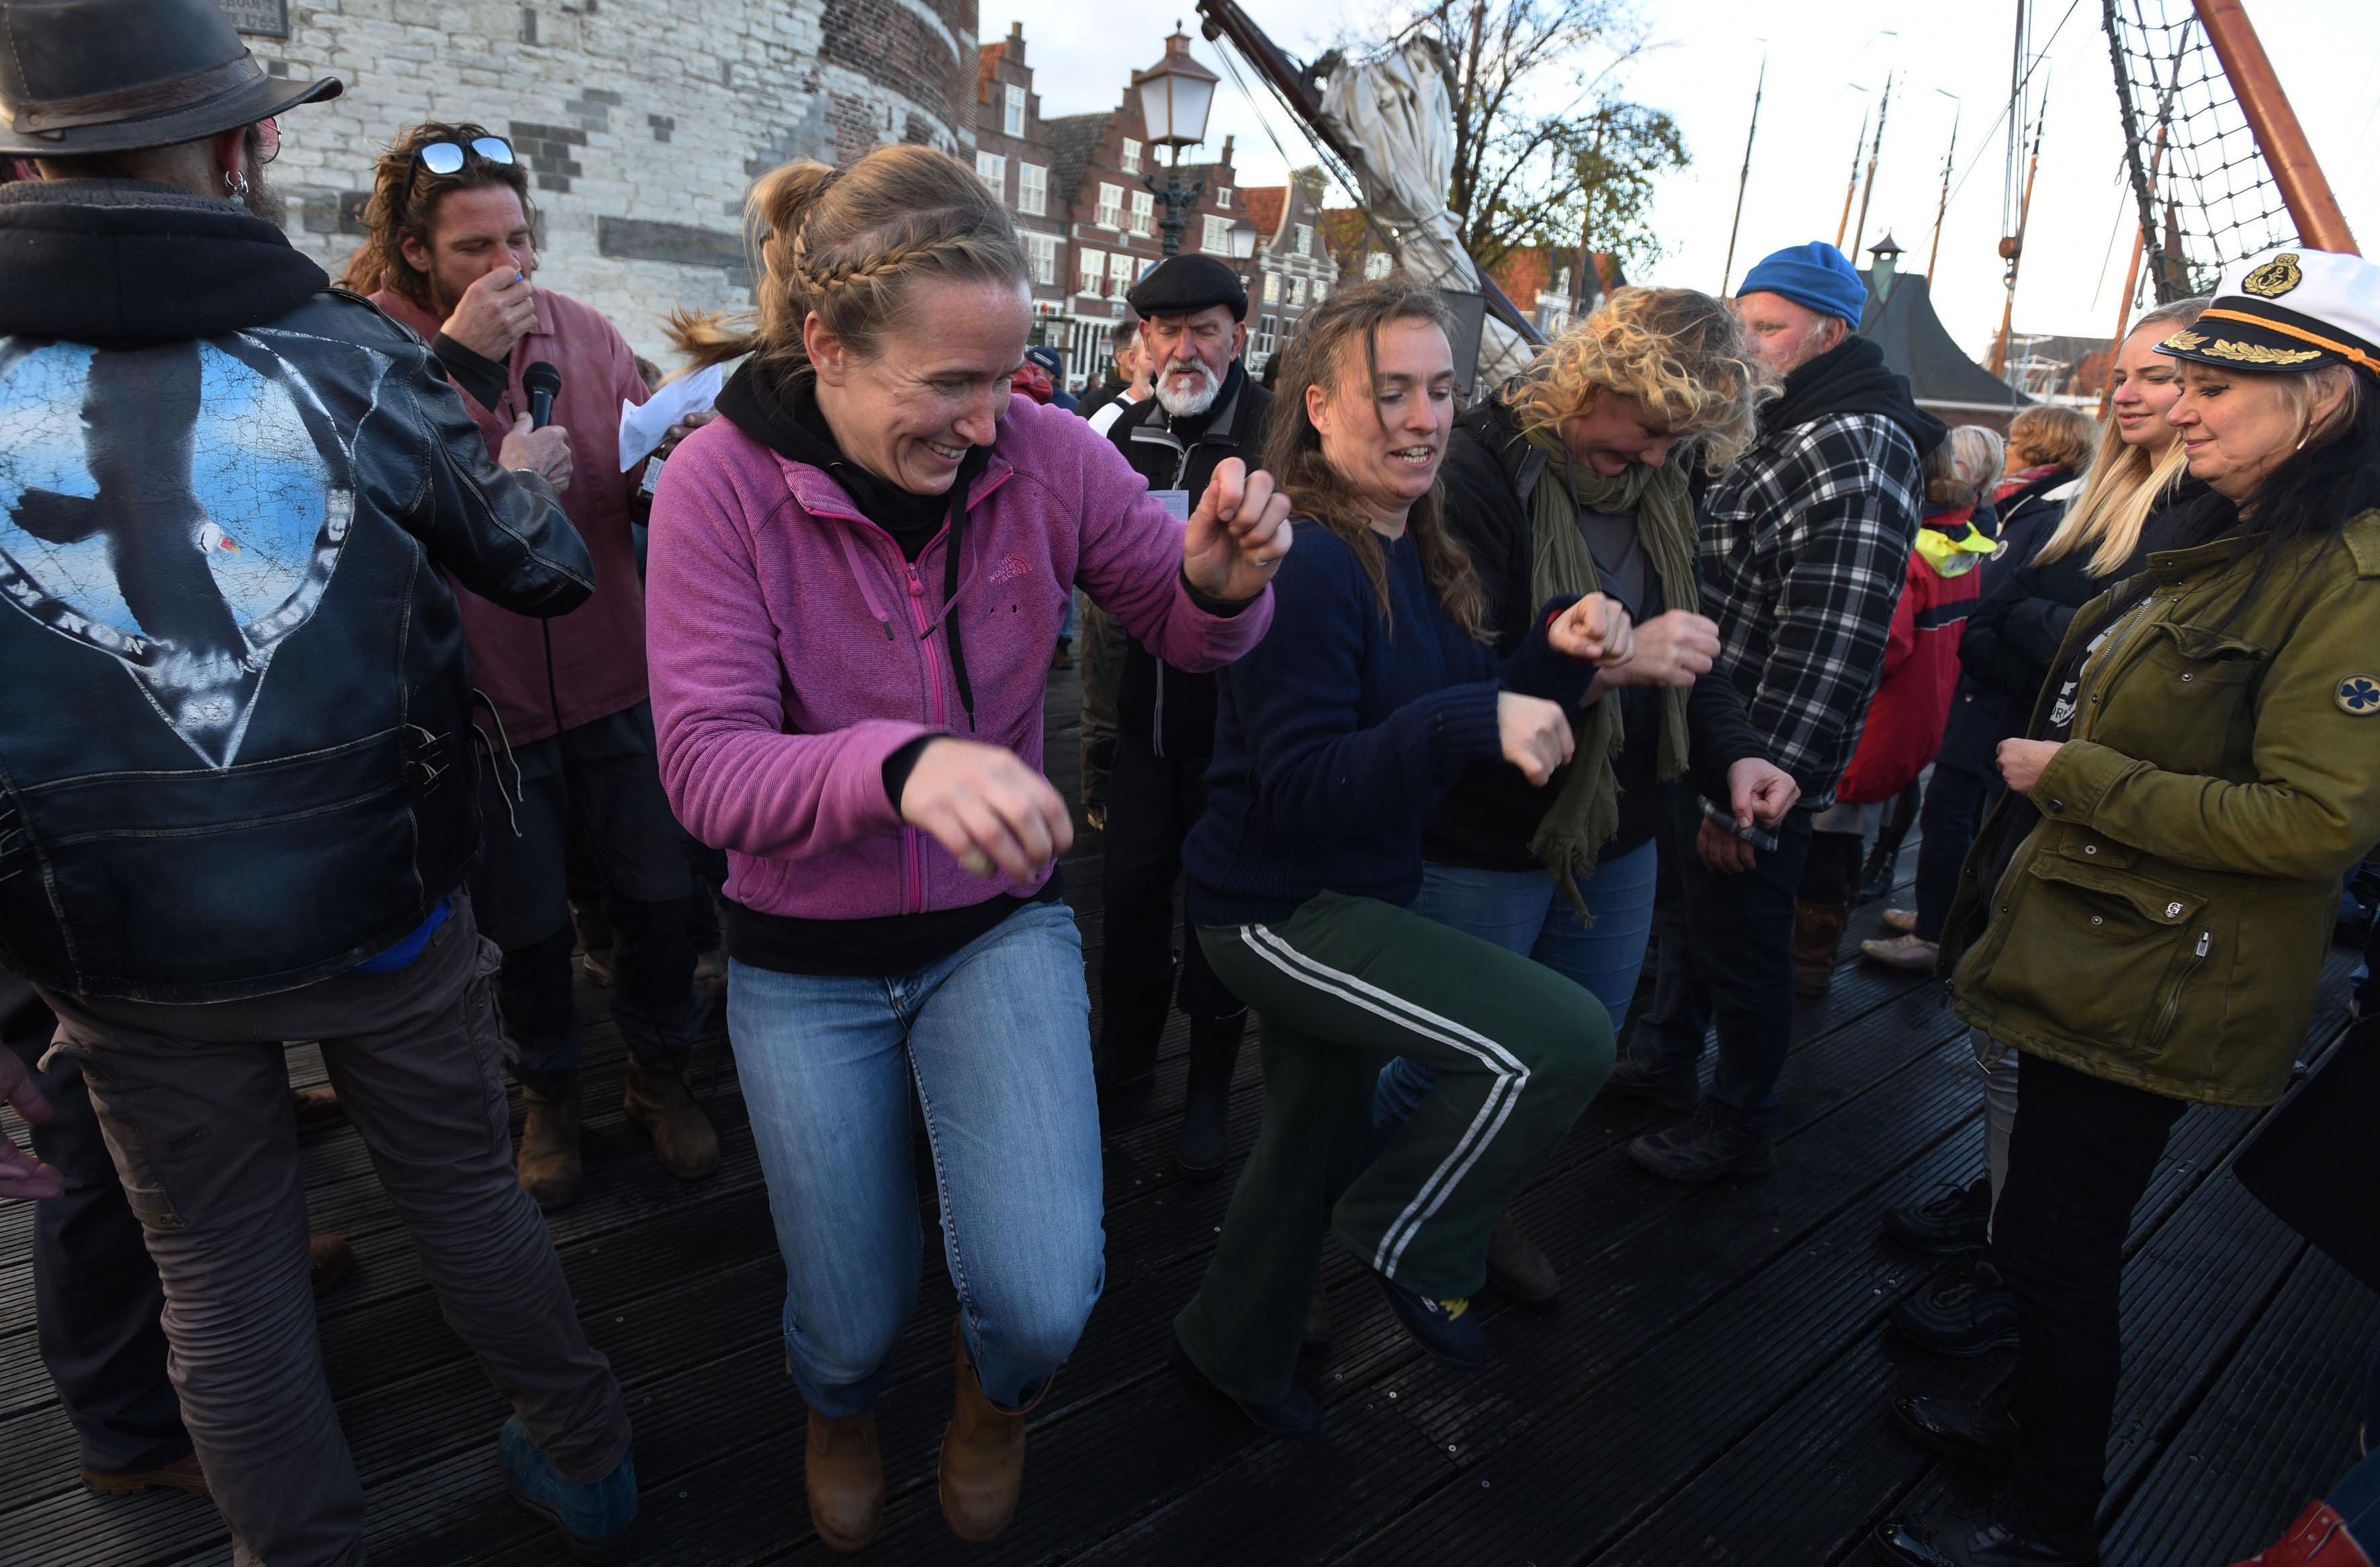 Hagel en gezelligheid bij Bontekoerace in Hoorn